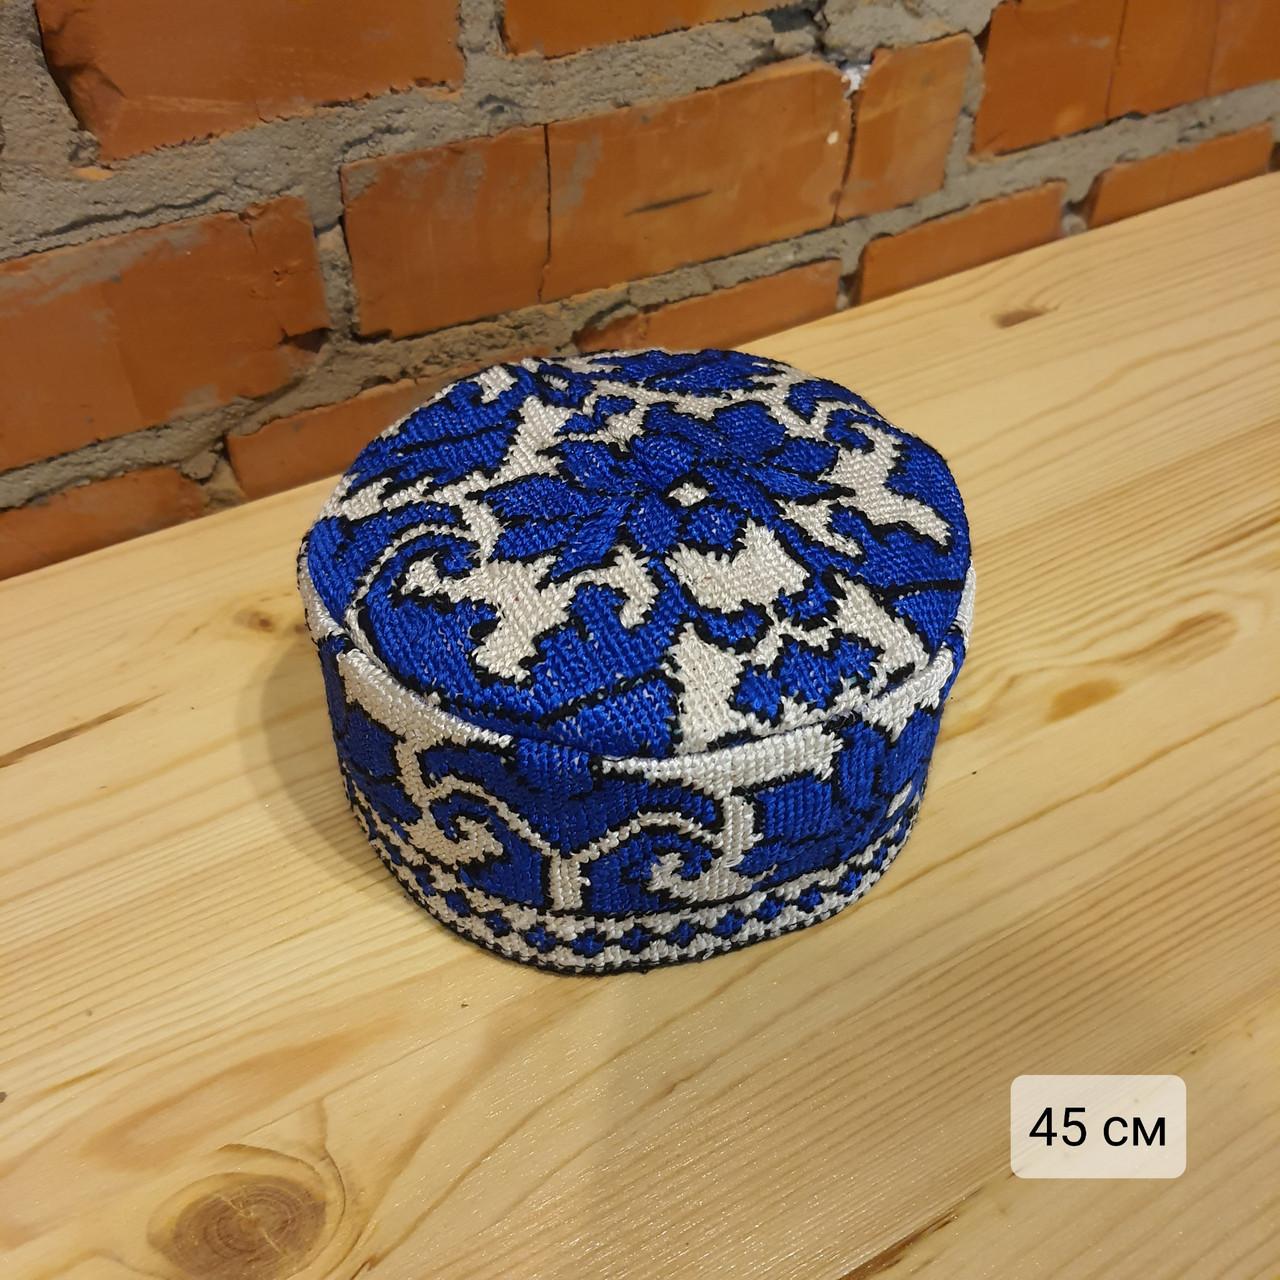 Узбекская тюбетейка 45 см. Ручная вышивка. Узбекистан (45_1)